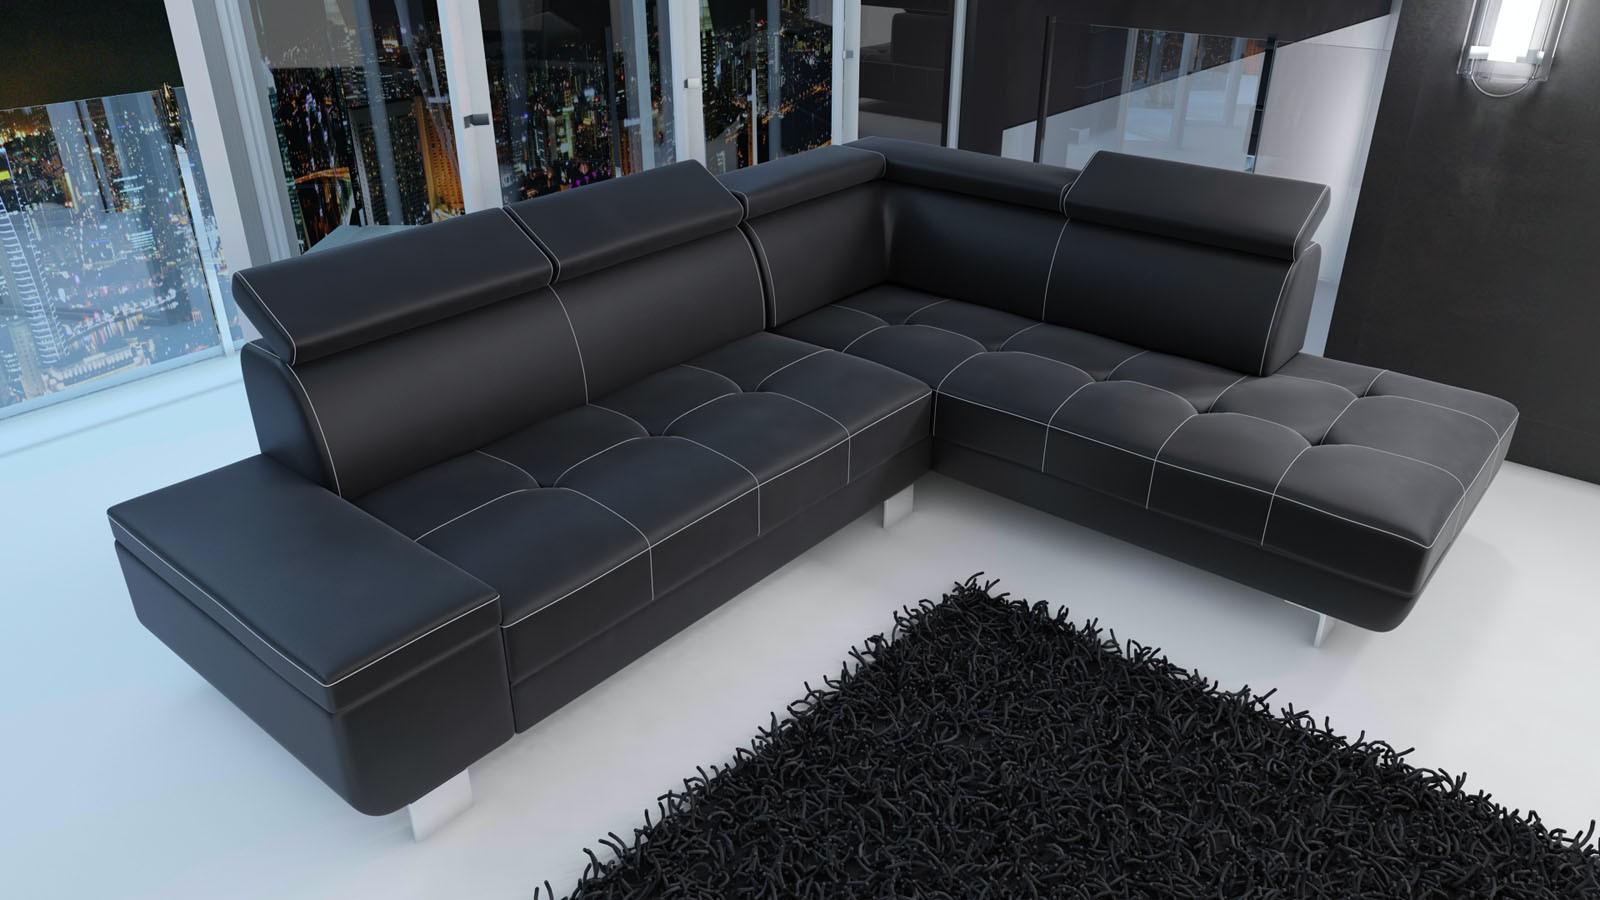 Canapé d angle moderne tendance pas cher Plusieurs couleurs gris